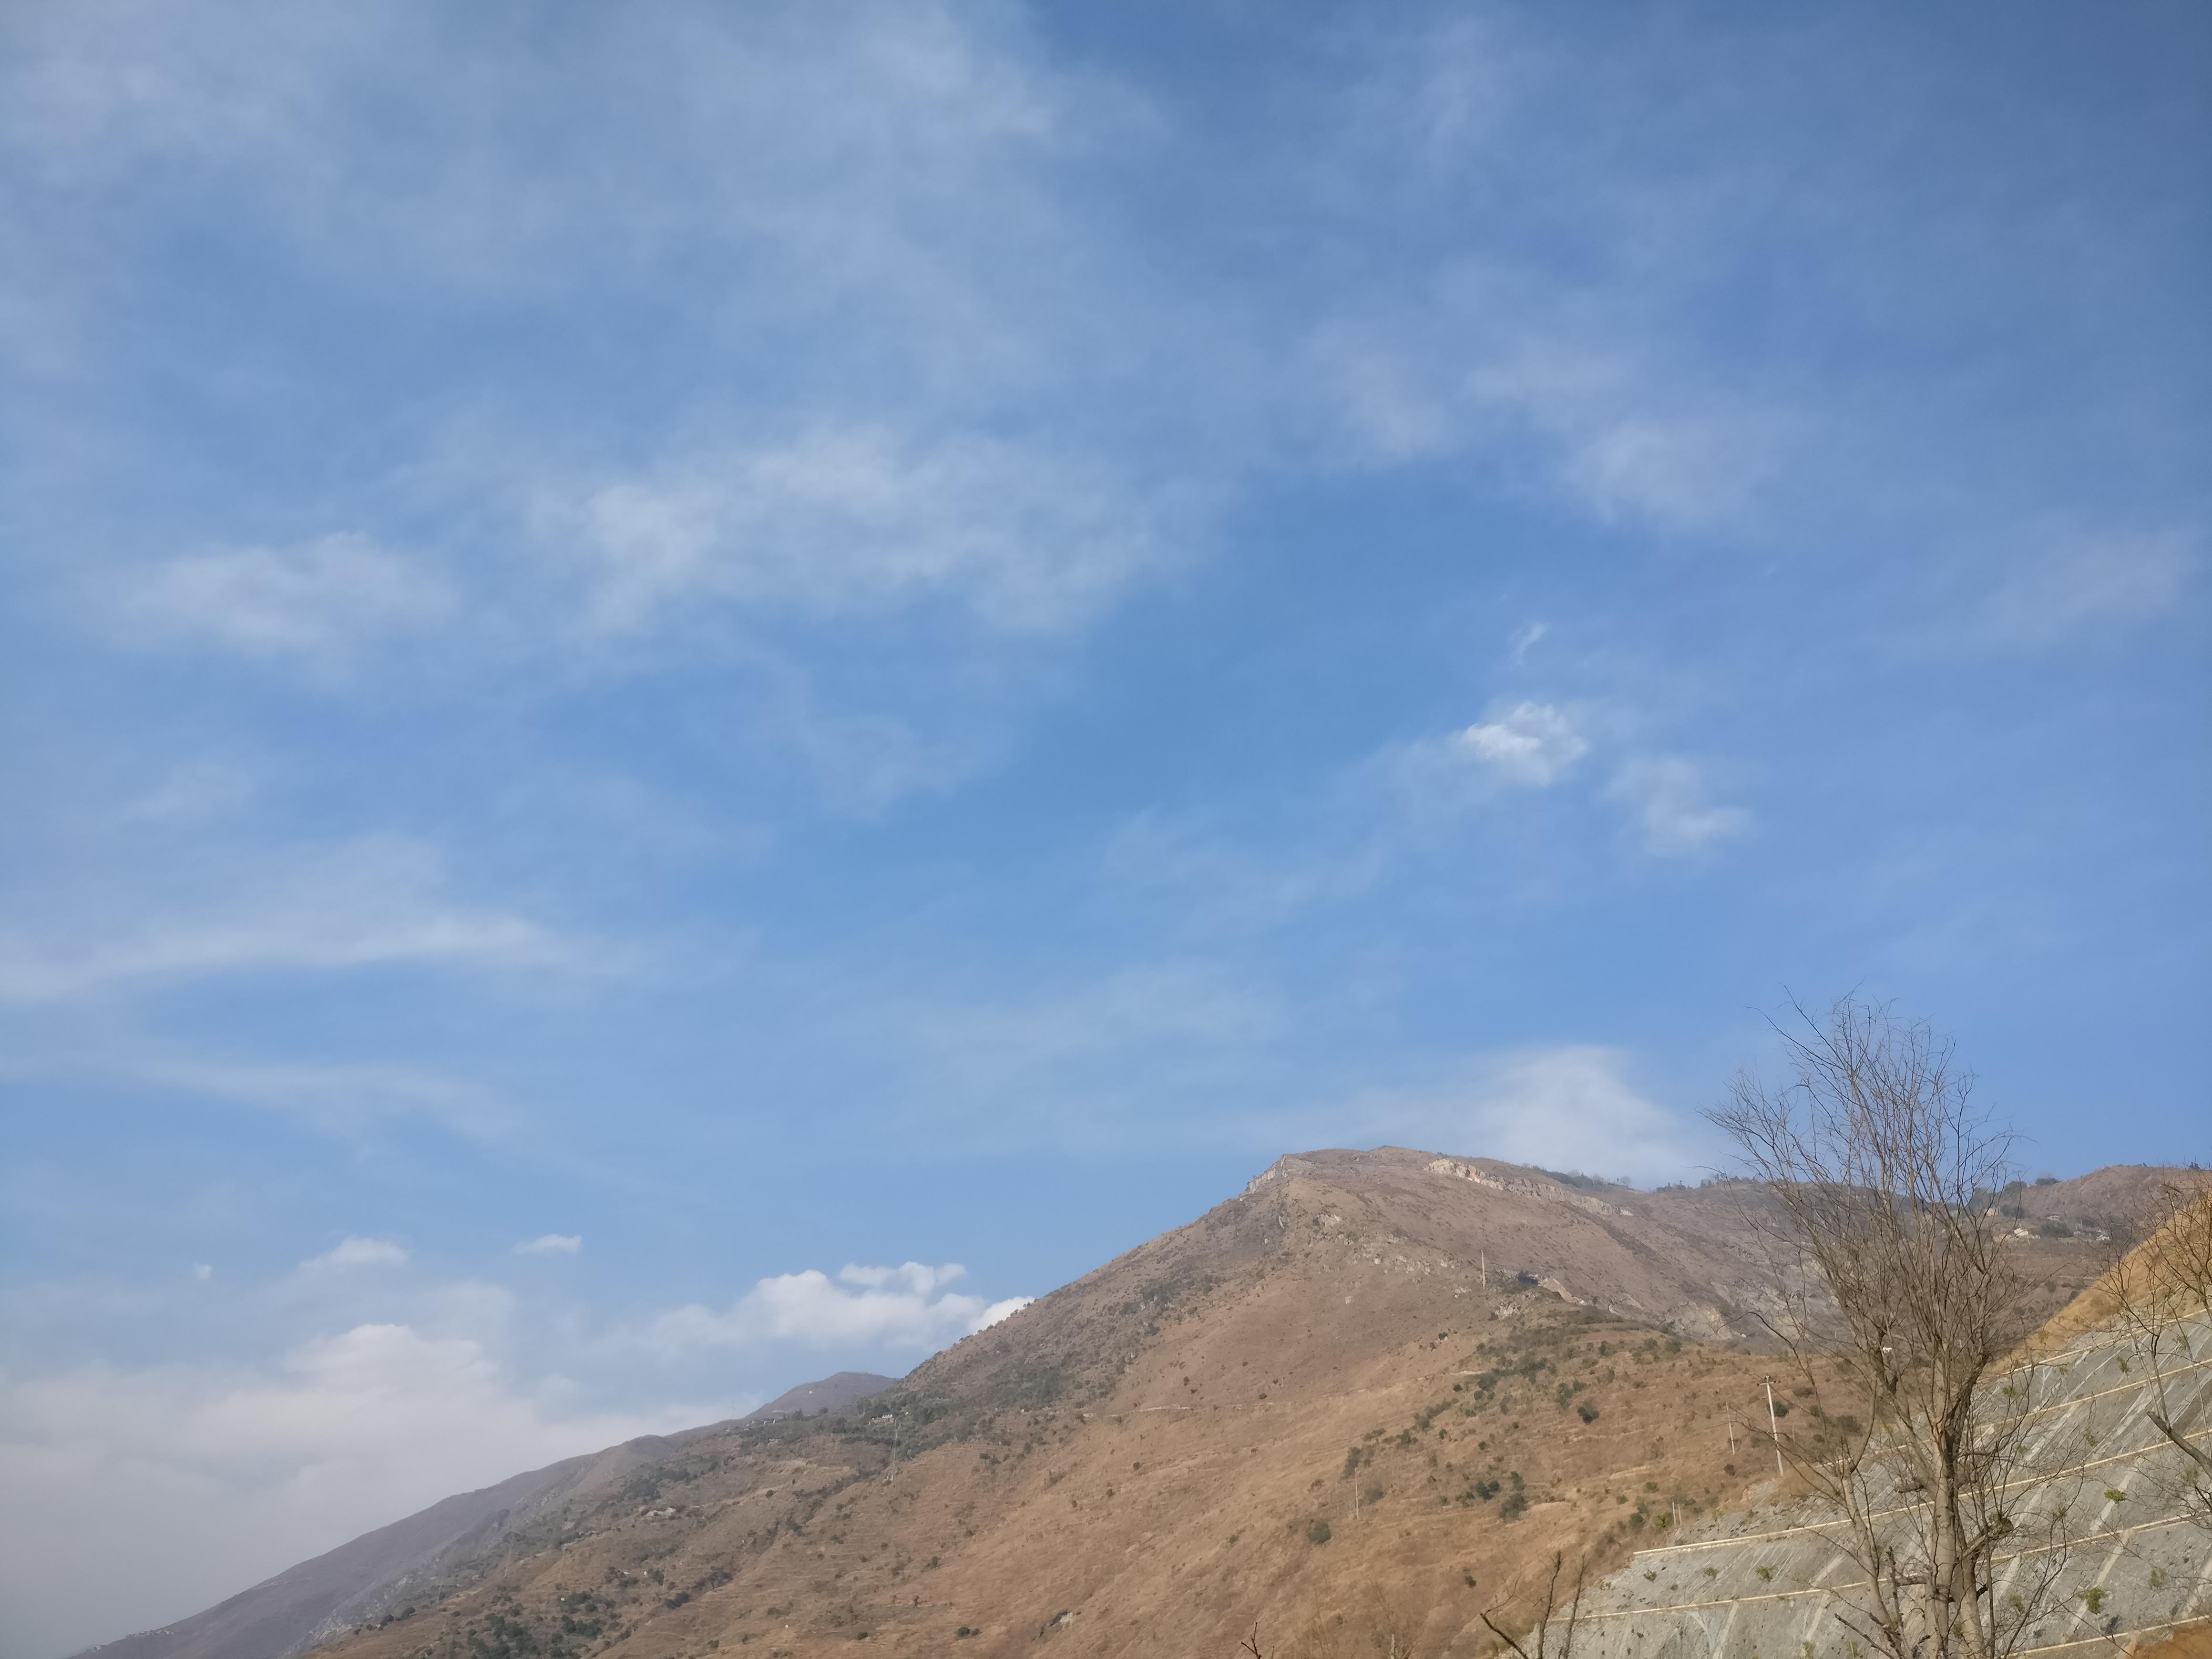 170101汉源好天气2.jpg